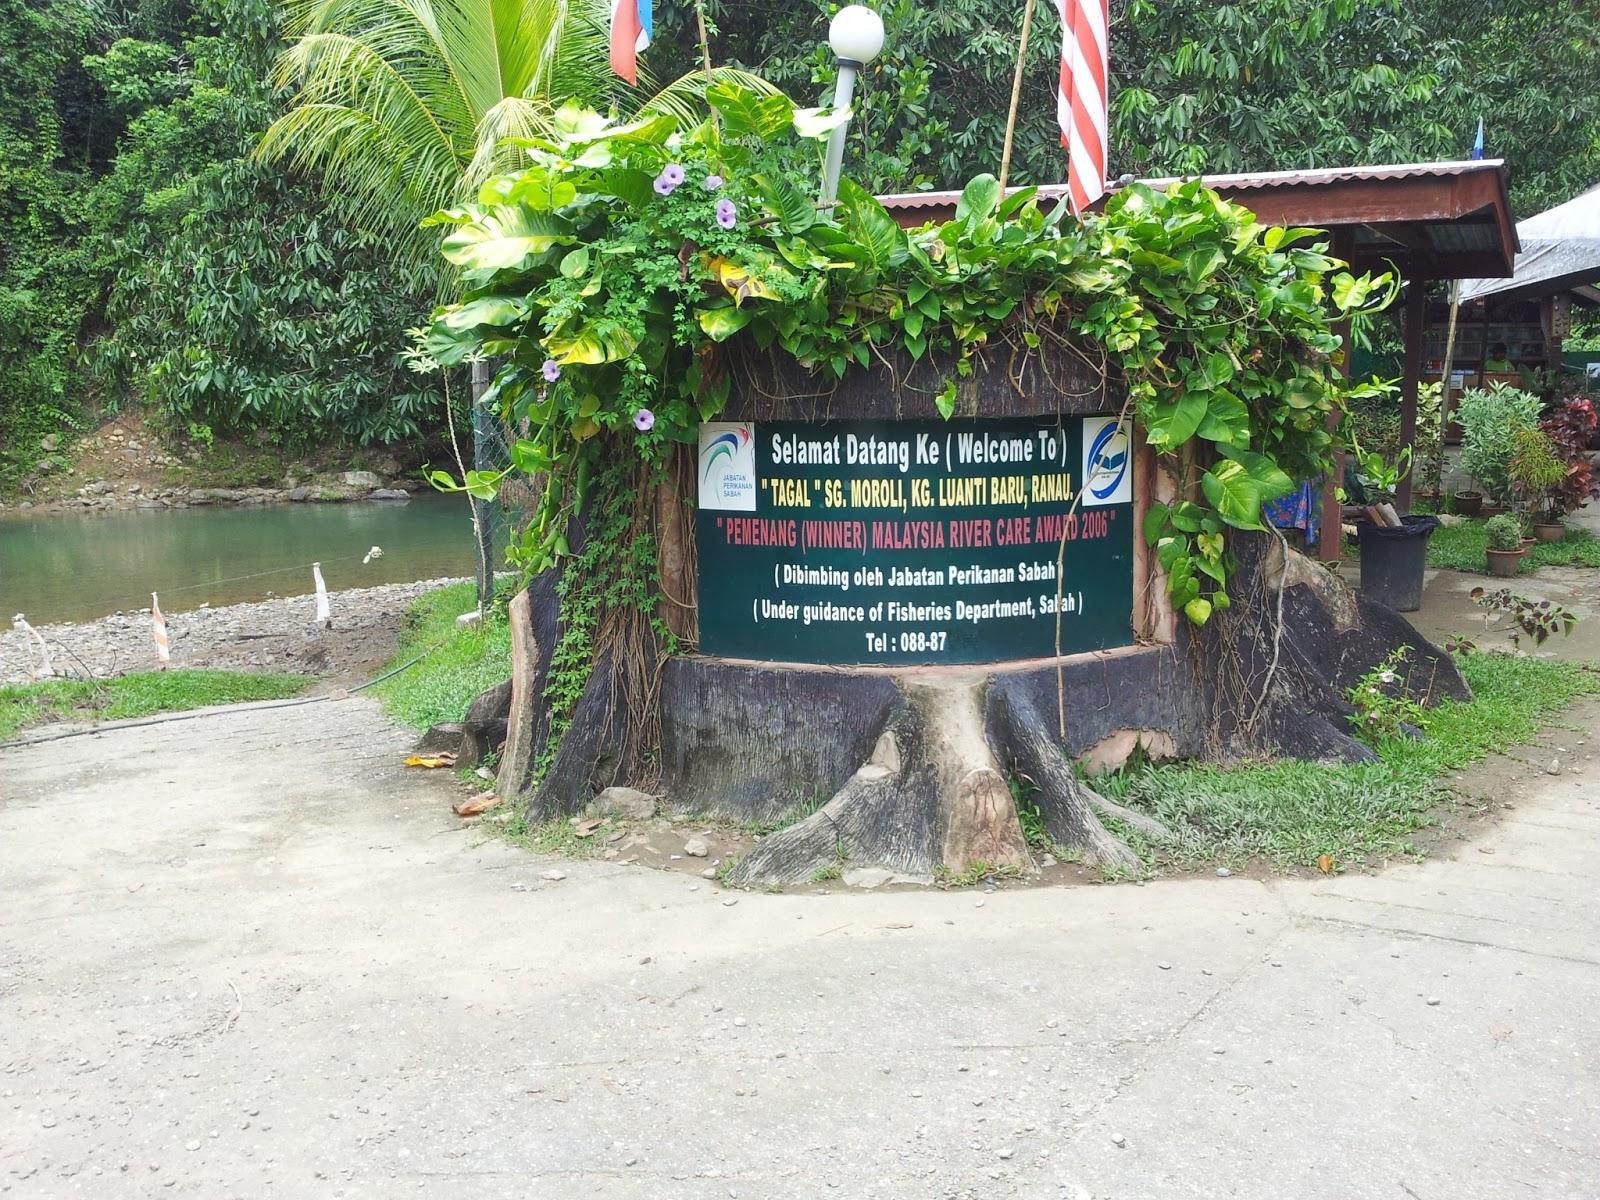 Papan Tanda Tagal Sungai Moroli Kampung Luanti Ranau